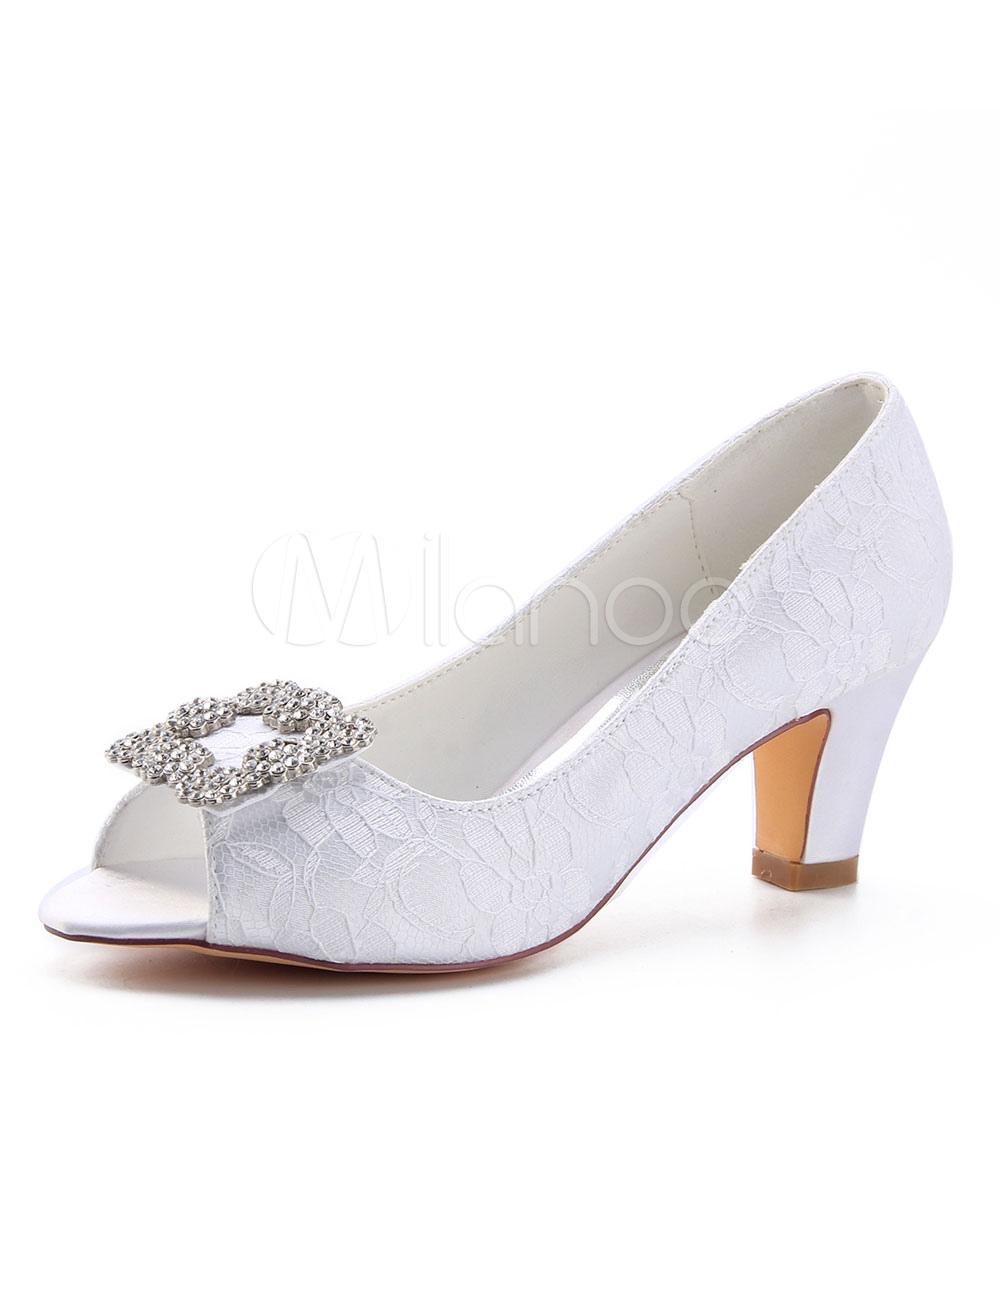 697f71a56c Ivory Wedding Shoes Peep Toe Rhinestones Slip On Bridal Shoes Mother ...